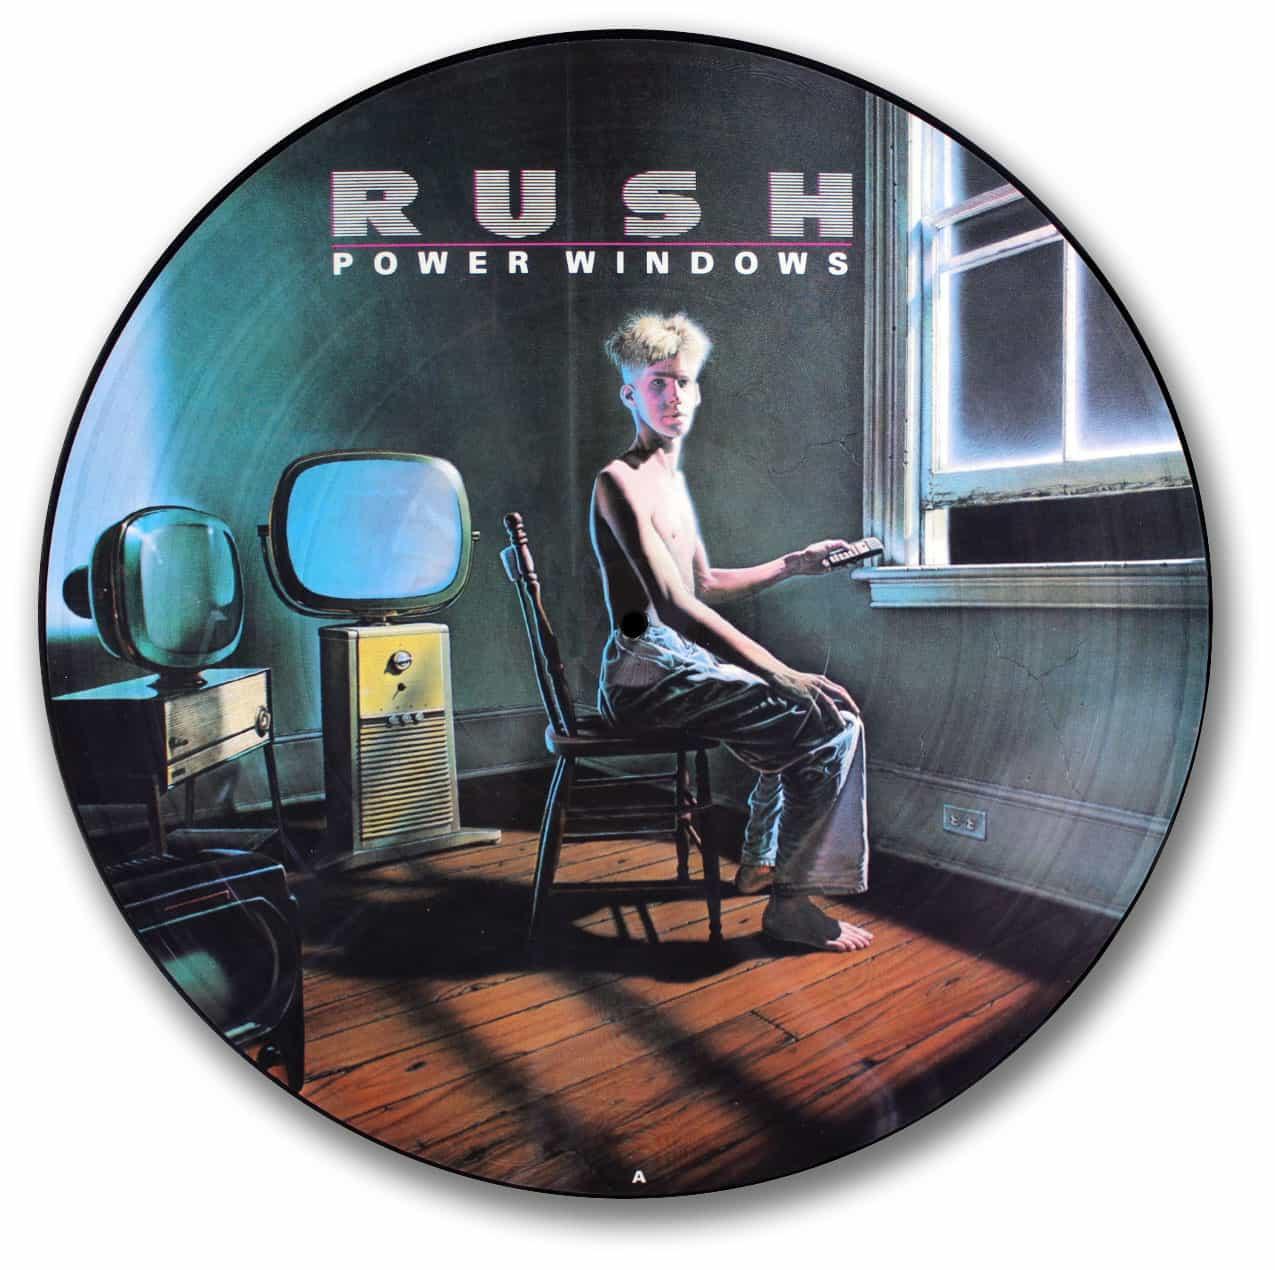 Rush Power Windows The Vinyl Underground